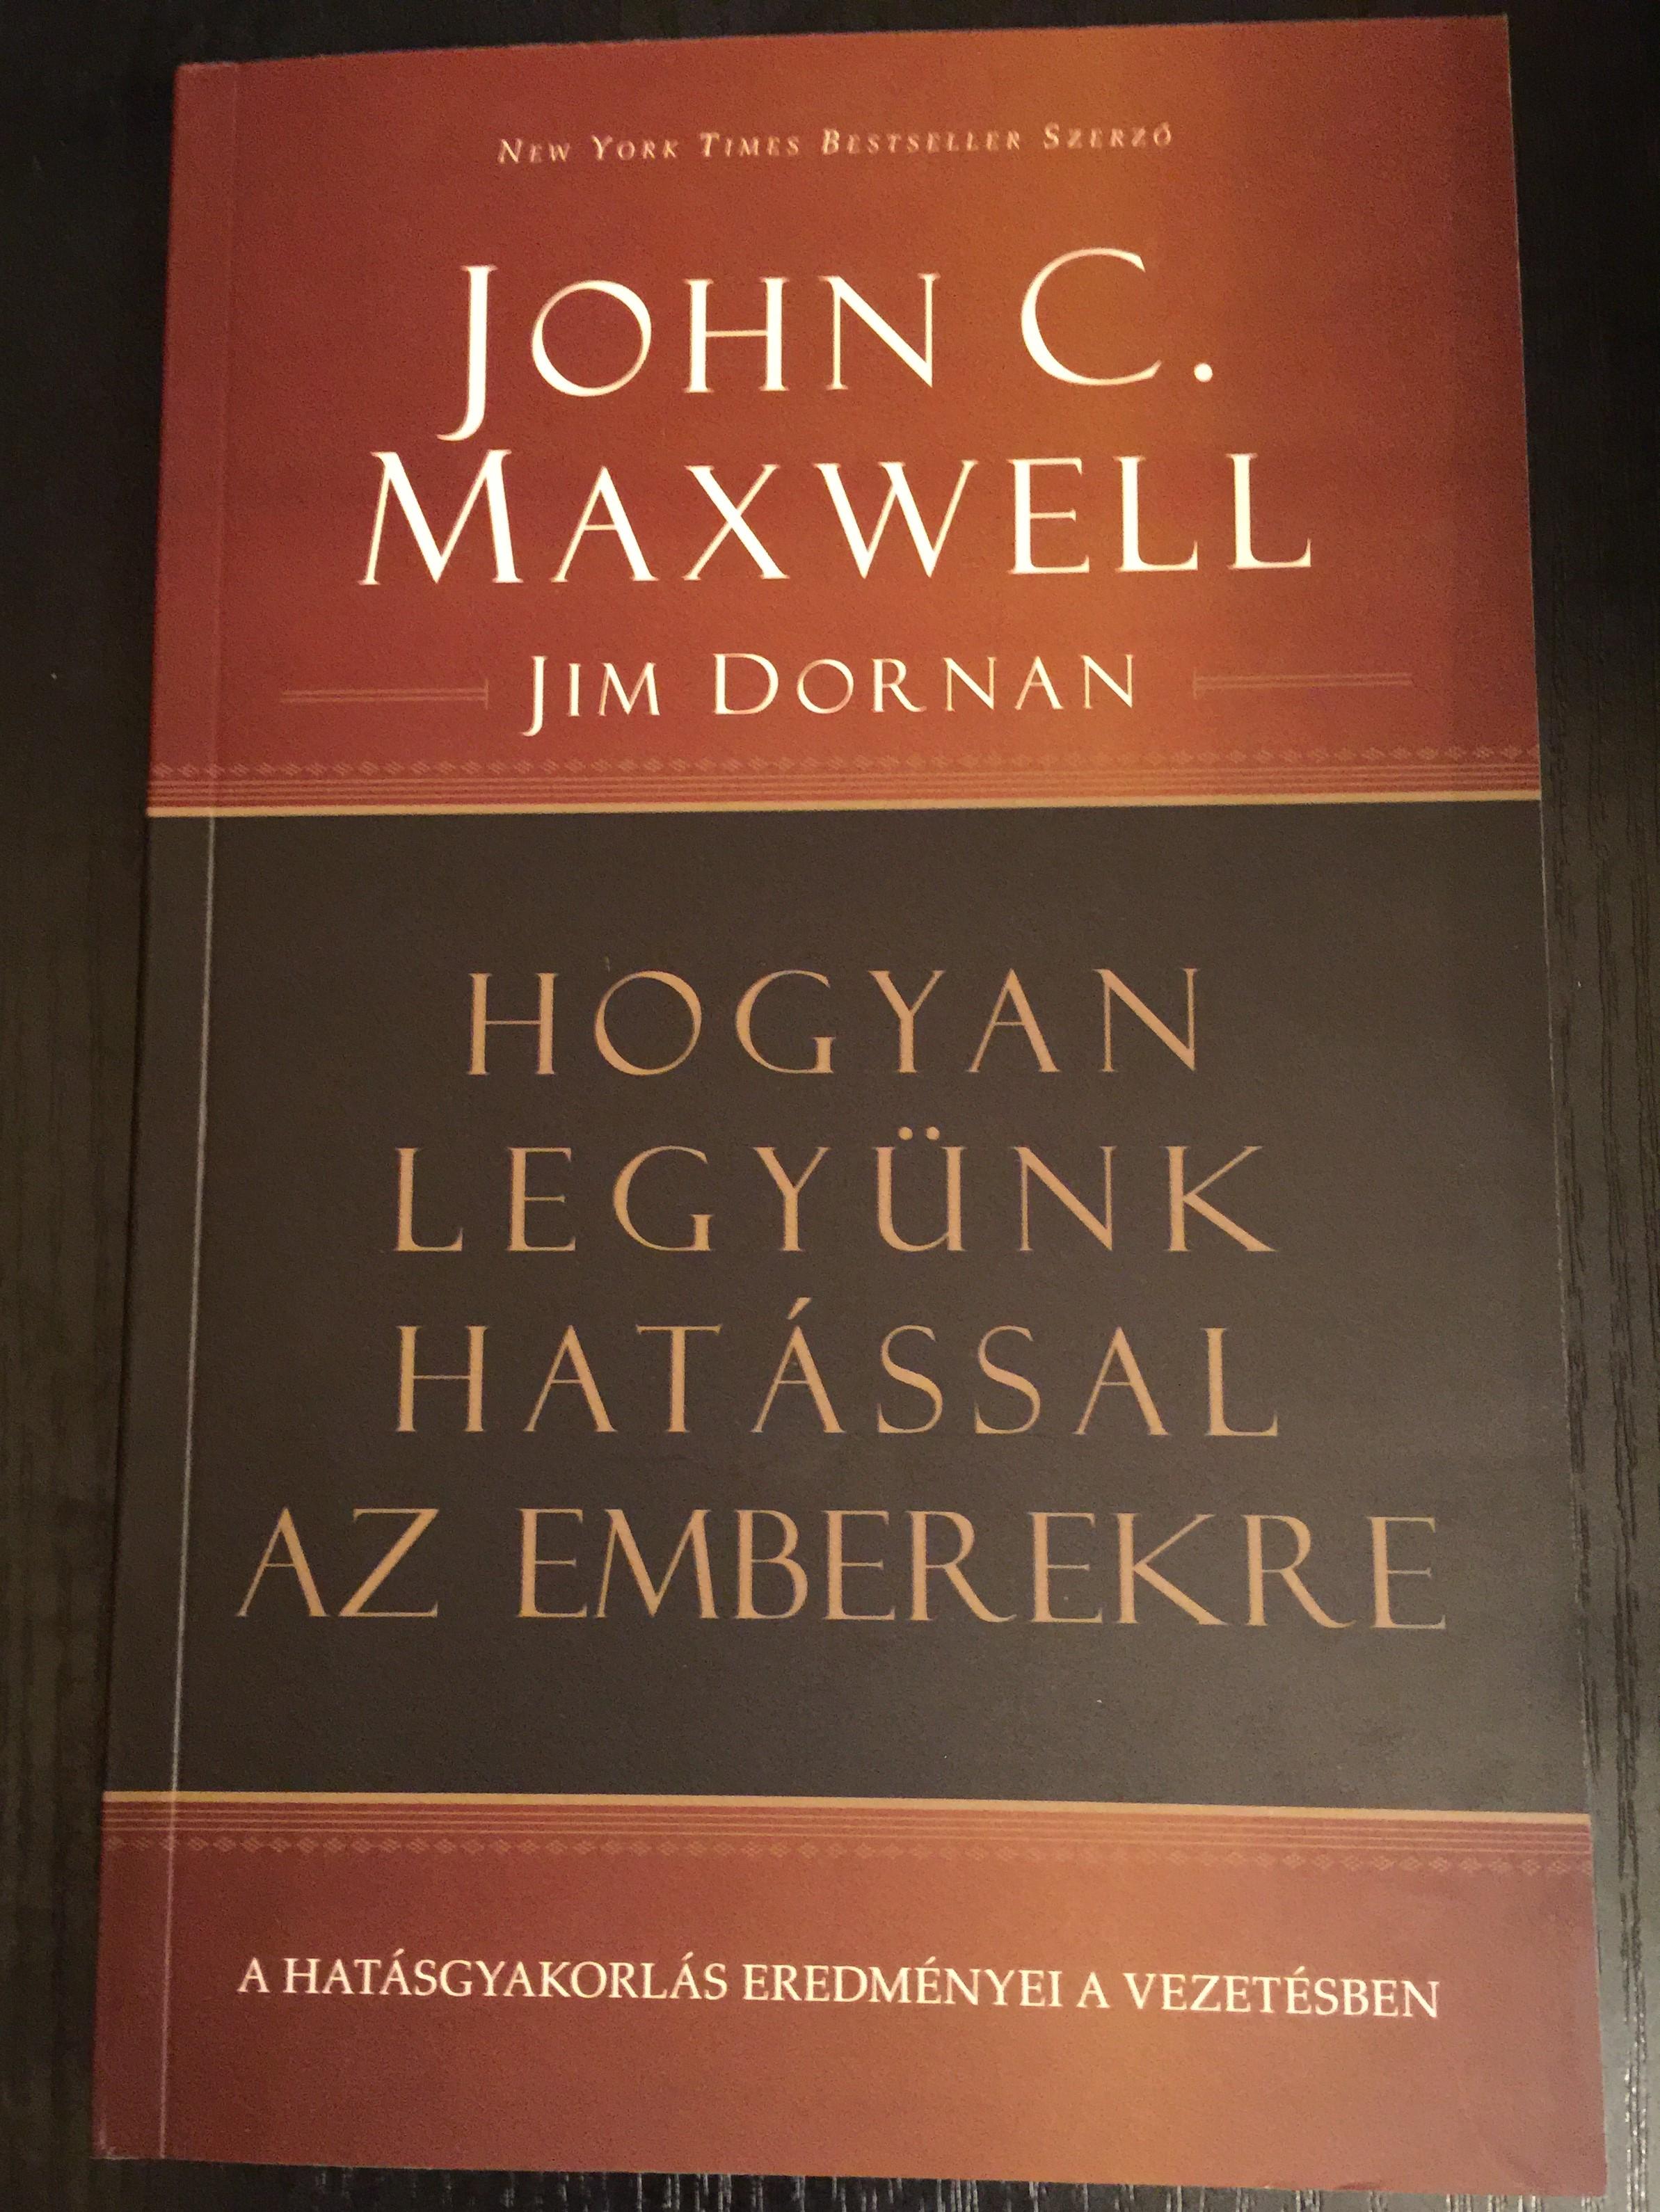 hogyan-legy-nk-hat-ssal-az-emberekre-by-john-c.-maxwell-jim-dornan-1.jpg